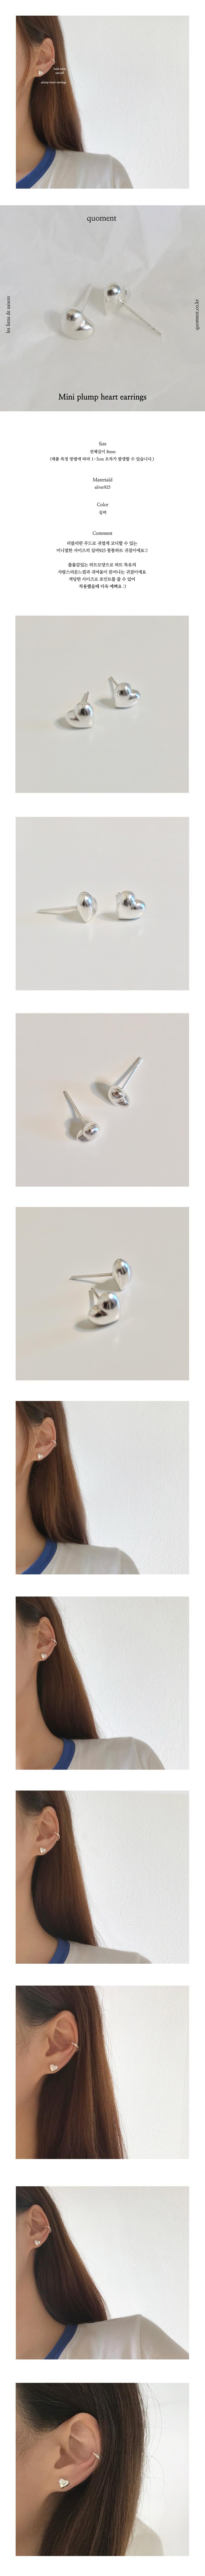 925실버 미니 통통하트 귀걸이 - 쿼먼트, 12,900원, 실버, 볼귀걸이